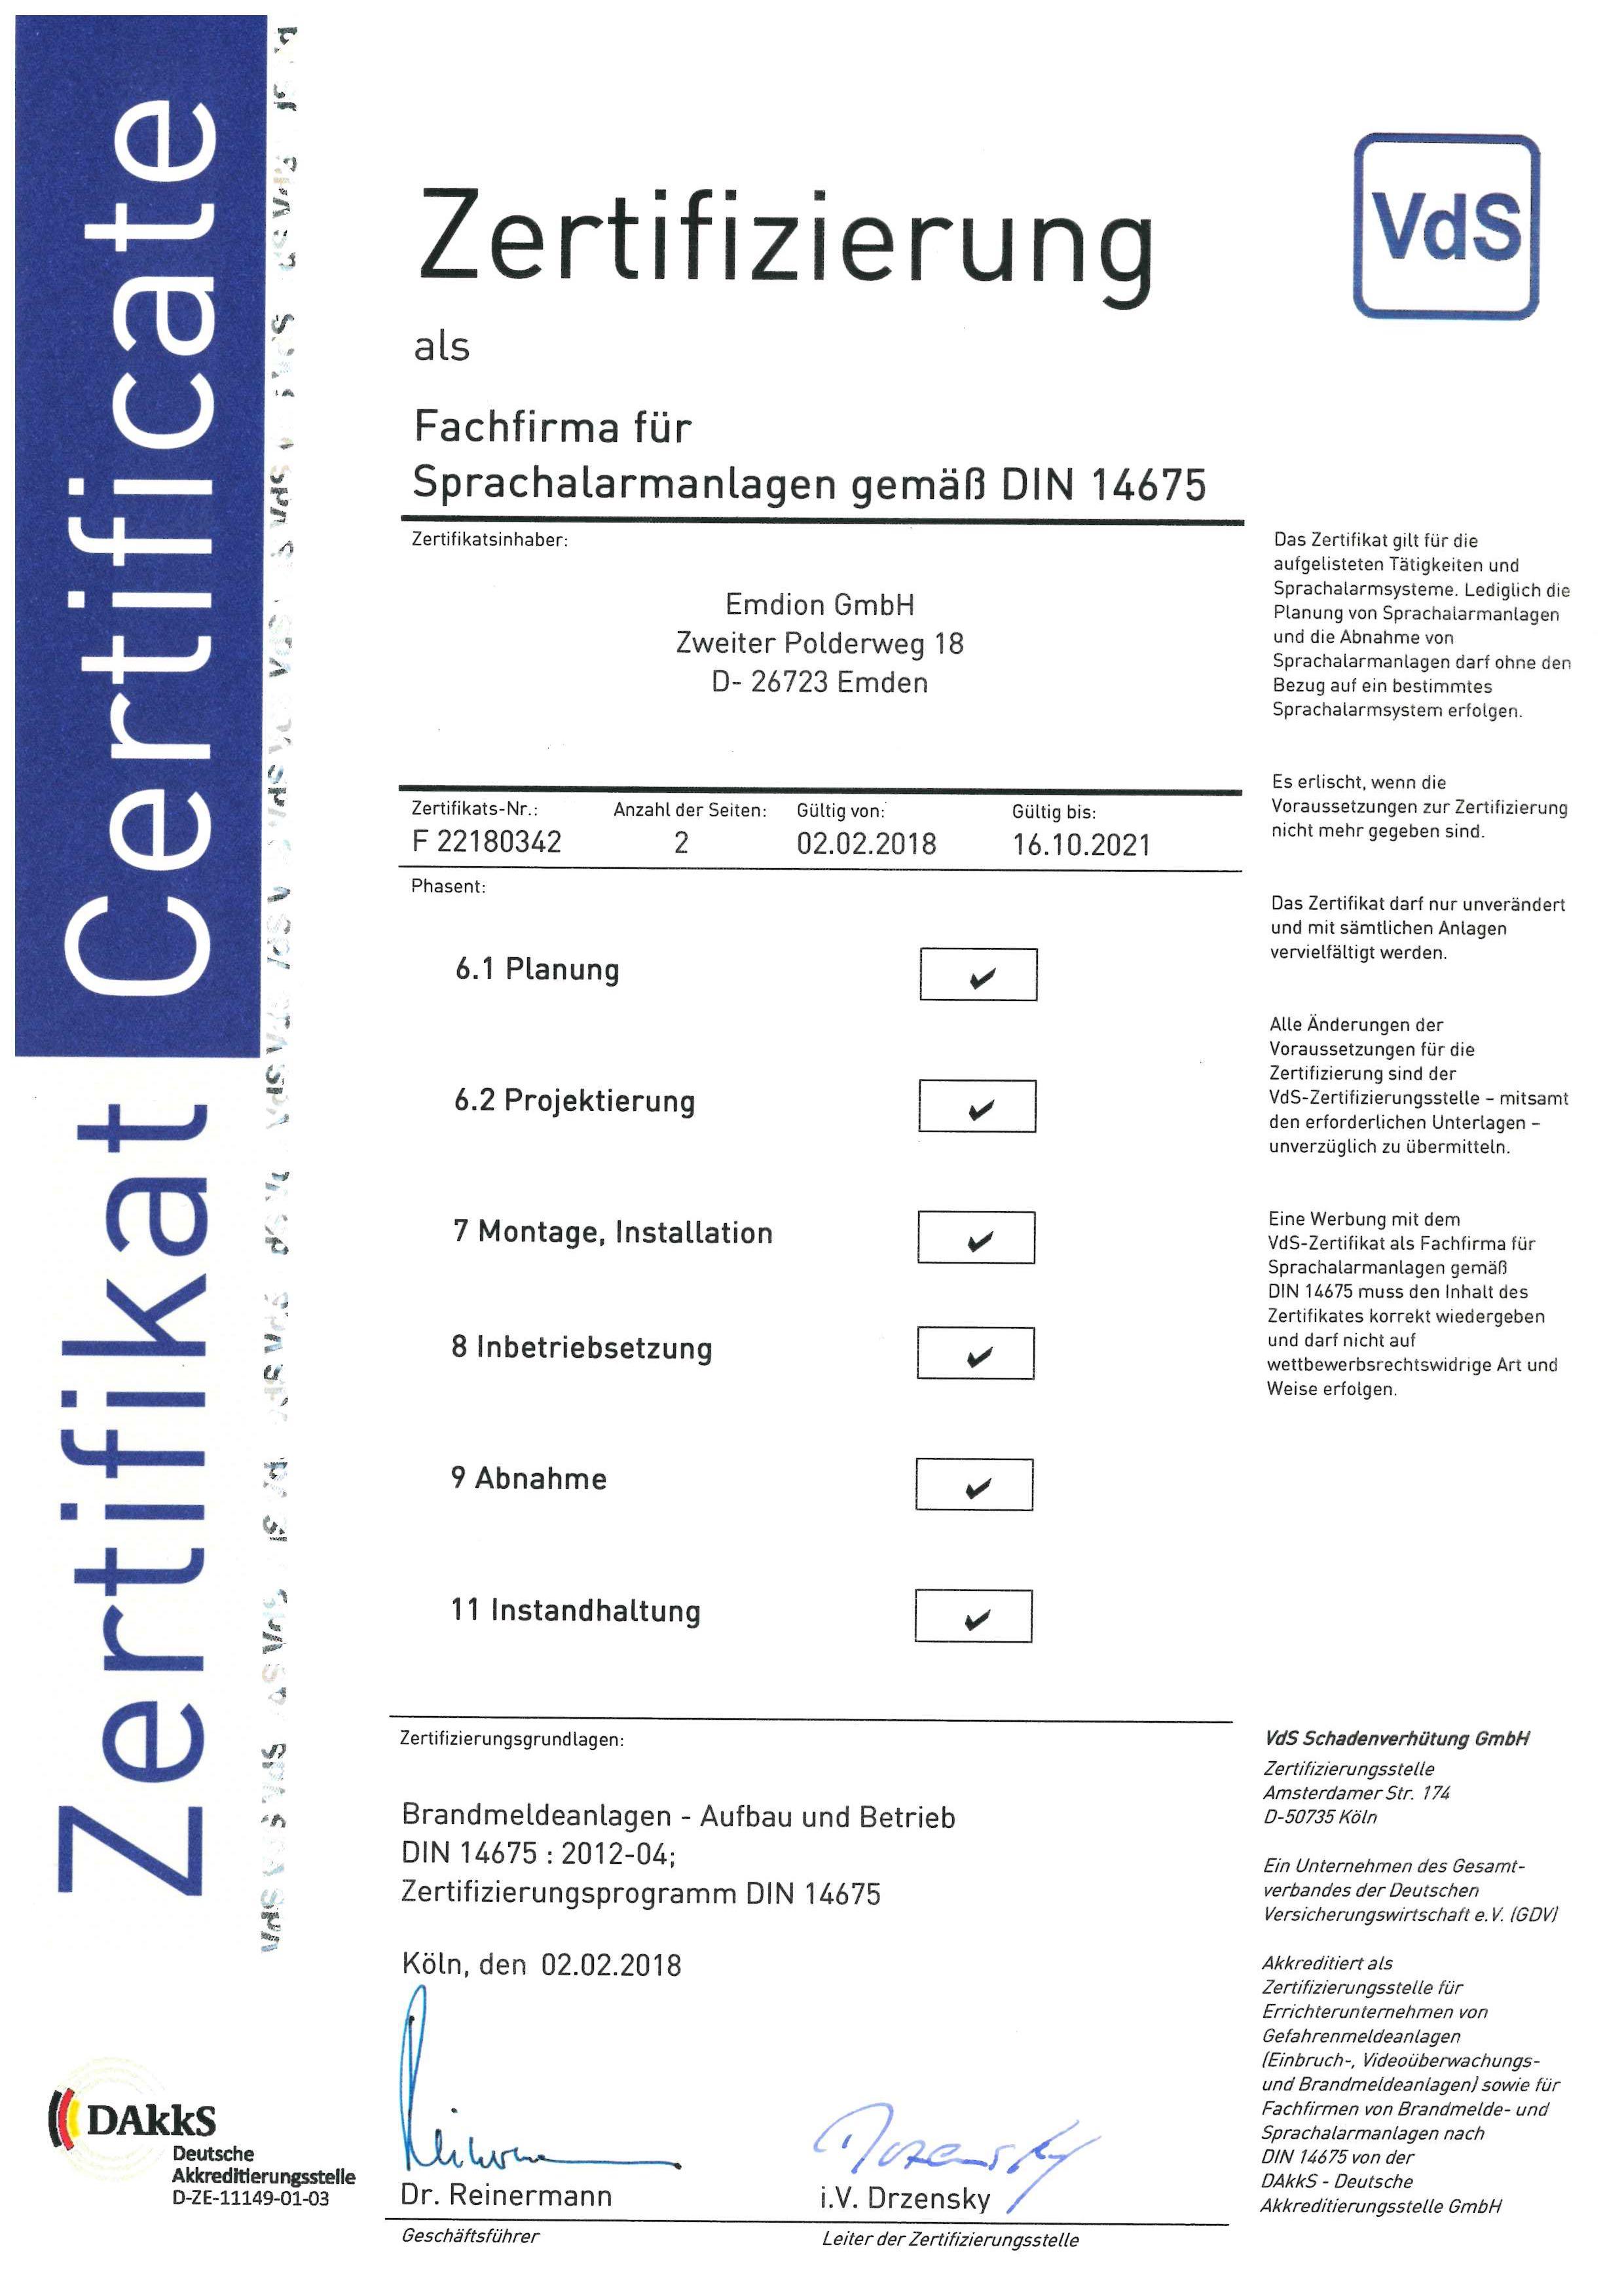 Zertifizierung_VDS_SAA DIN 14675 (verschoben).jpg